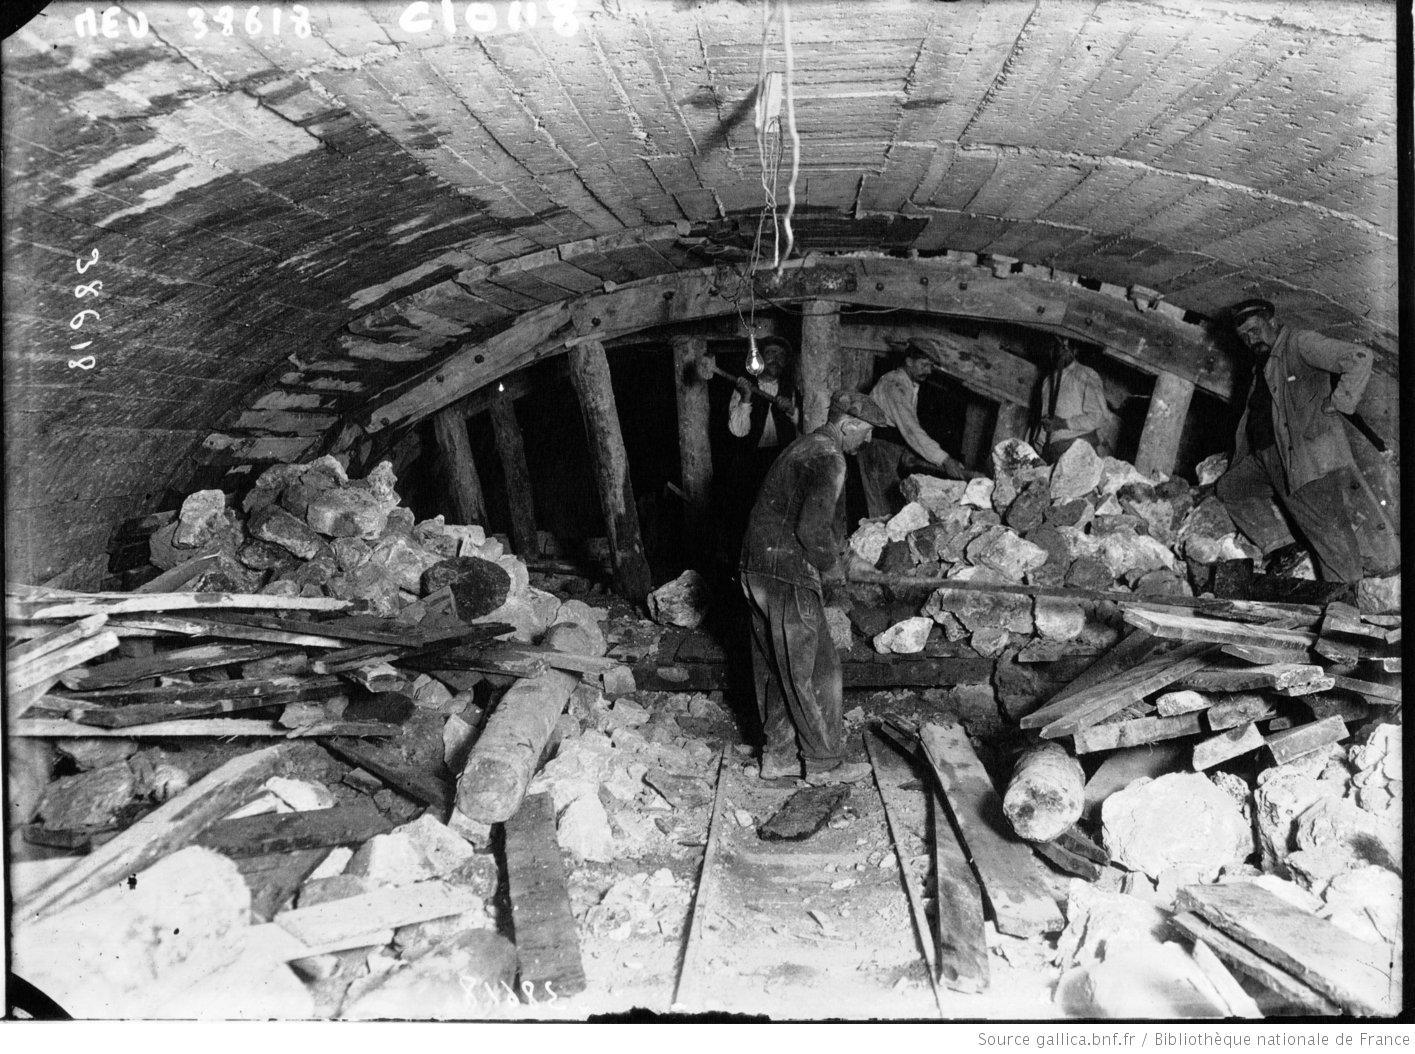 Galerie souterraine, construction du métro, Agence de presse Meurisse, 1913, Bibliothèque nationale de France, département Estampes et photographie, EI-13(2499)